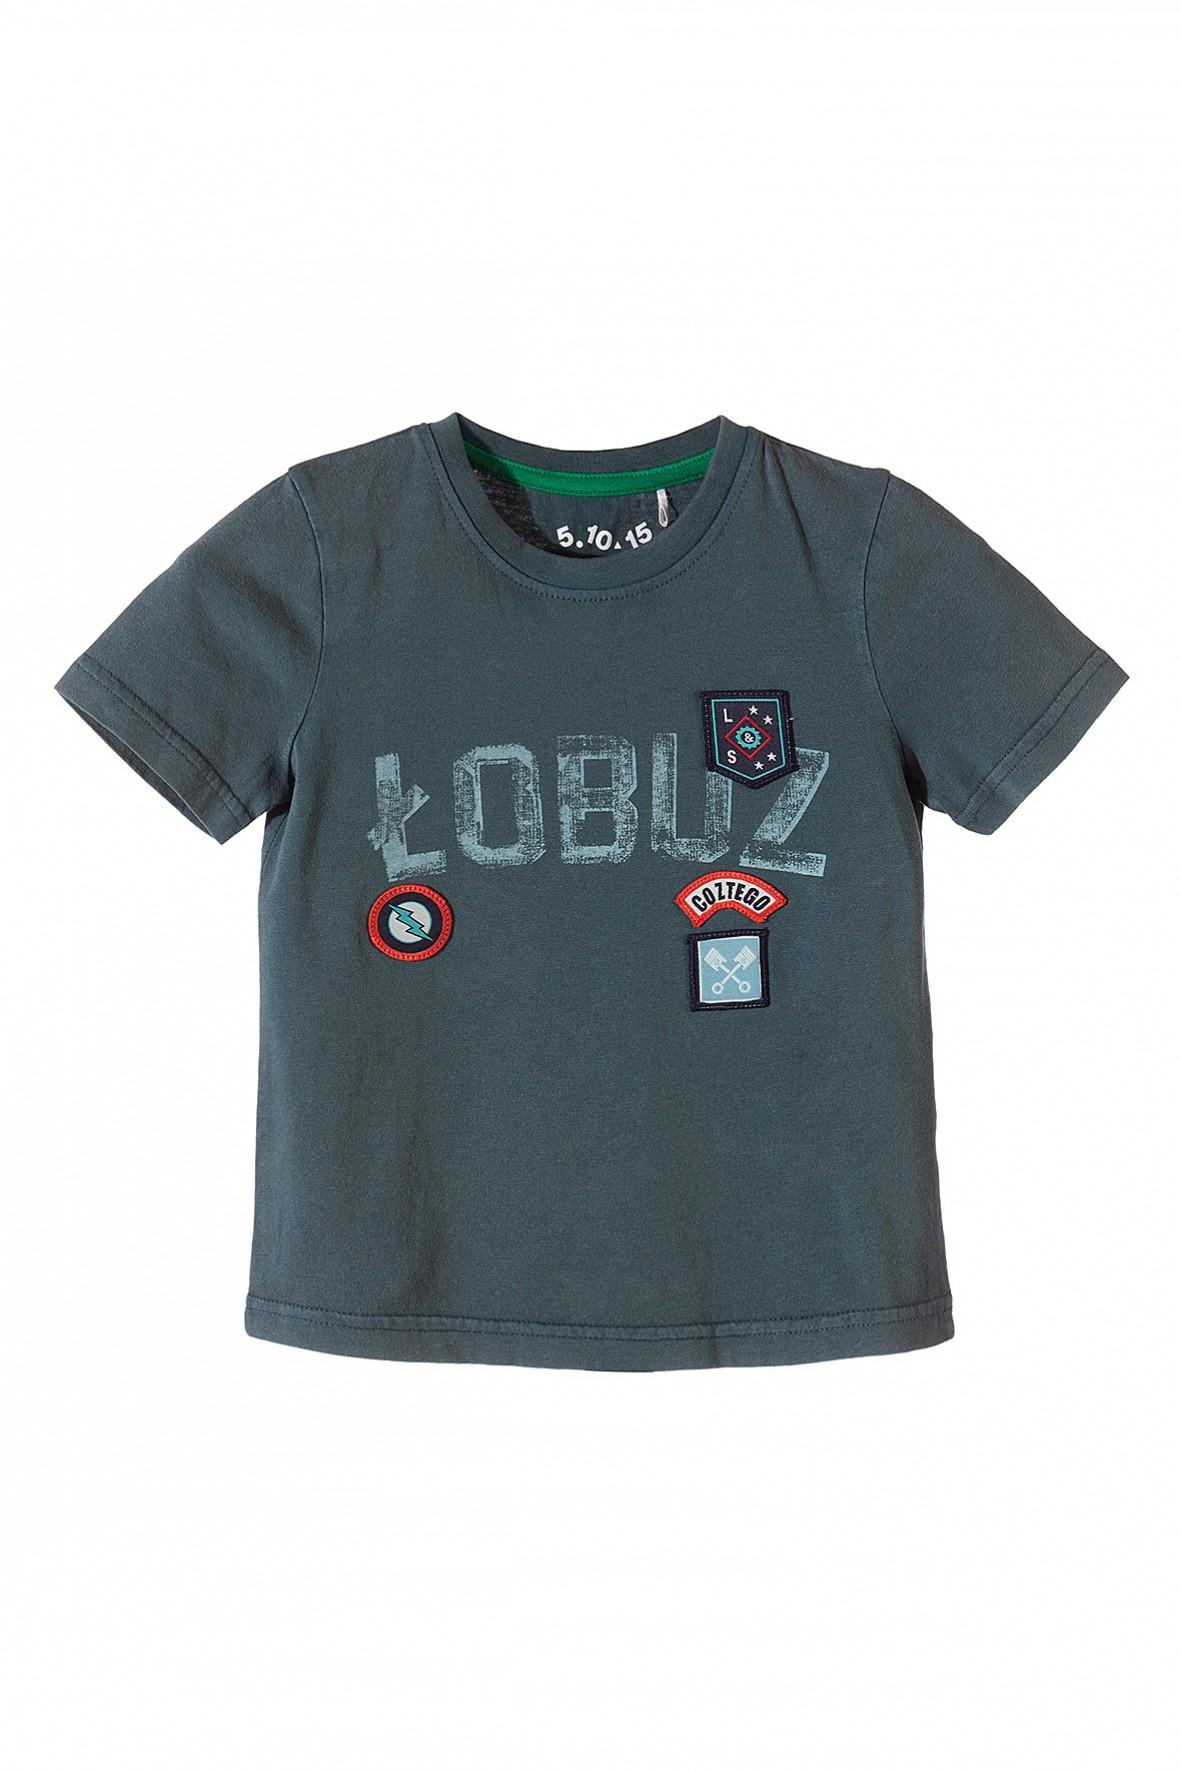 T-shirt chłopięcy z polskim napisem